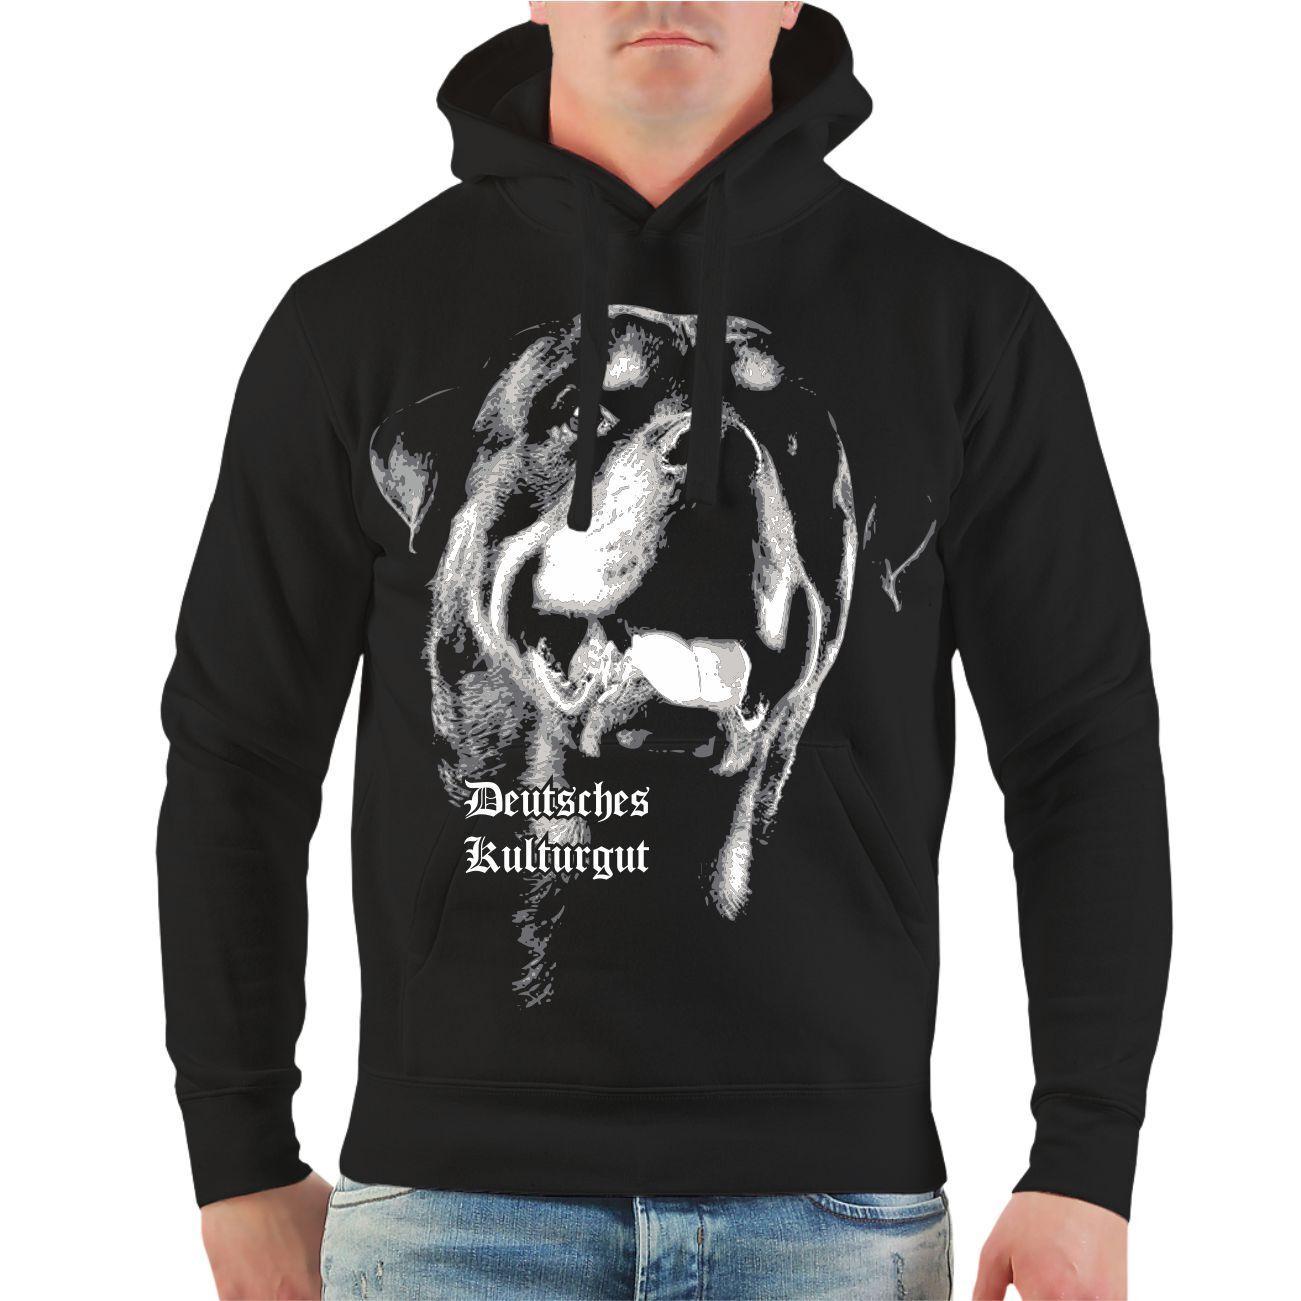 Kapuzenpullover Rottweiler Deutsches Kulturgut Rasse Zucht Spruch Hunde Hoodie